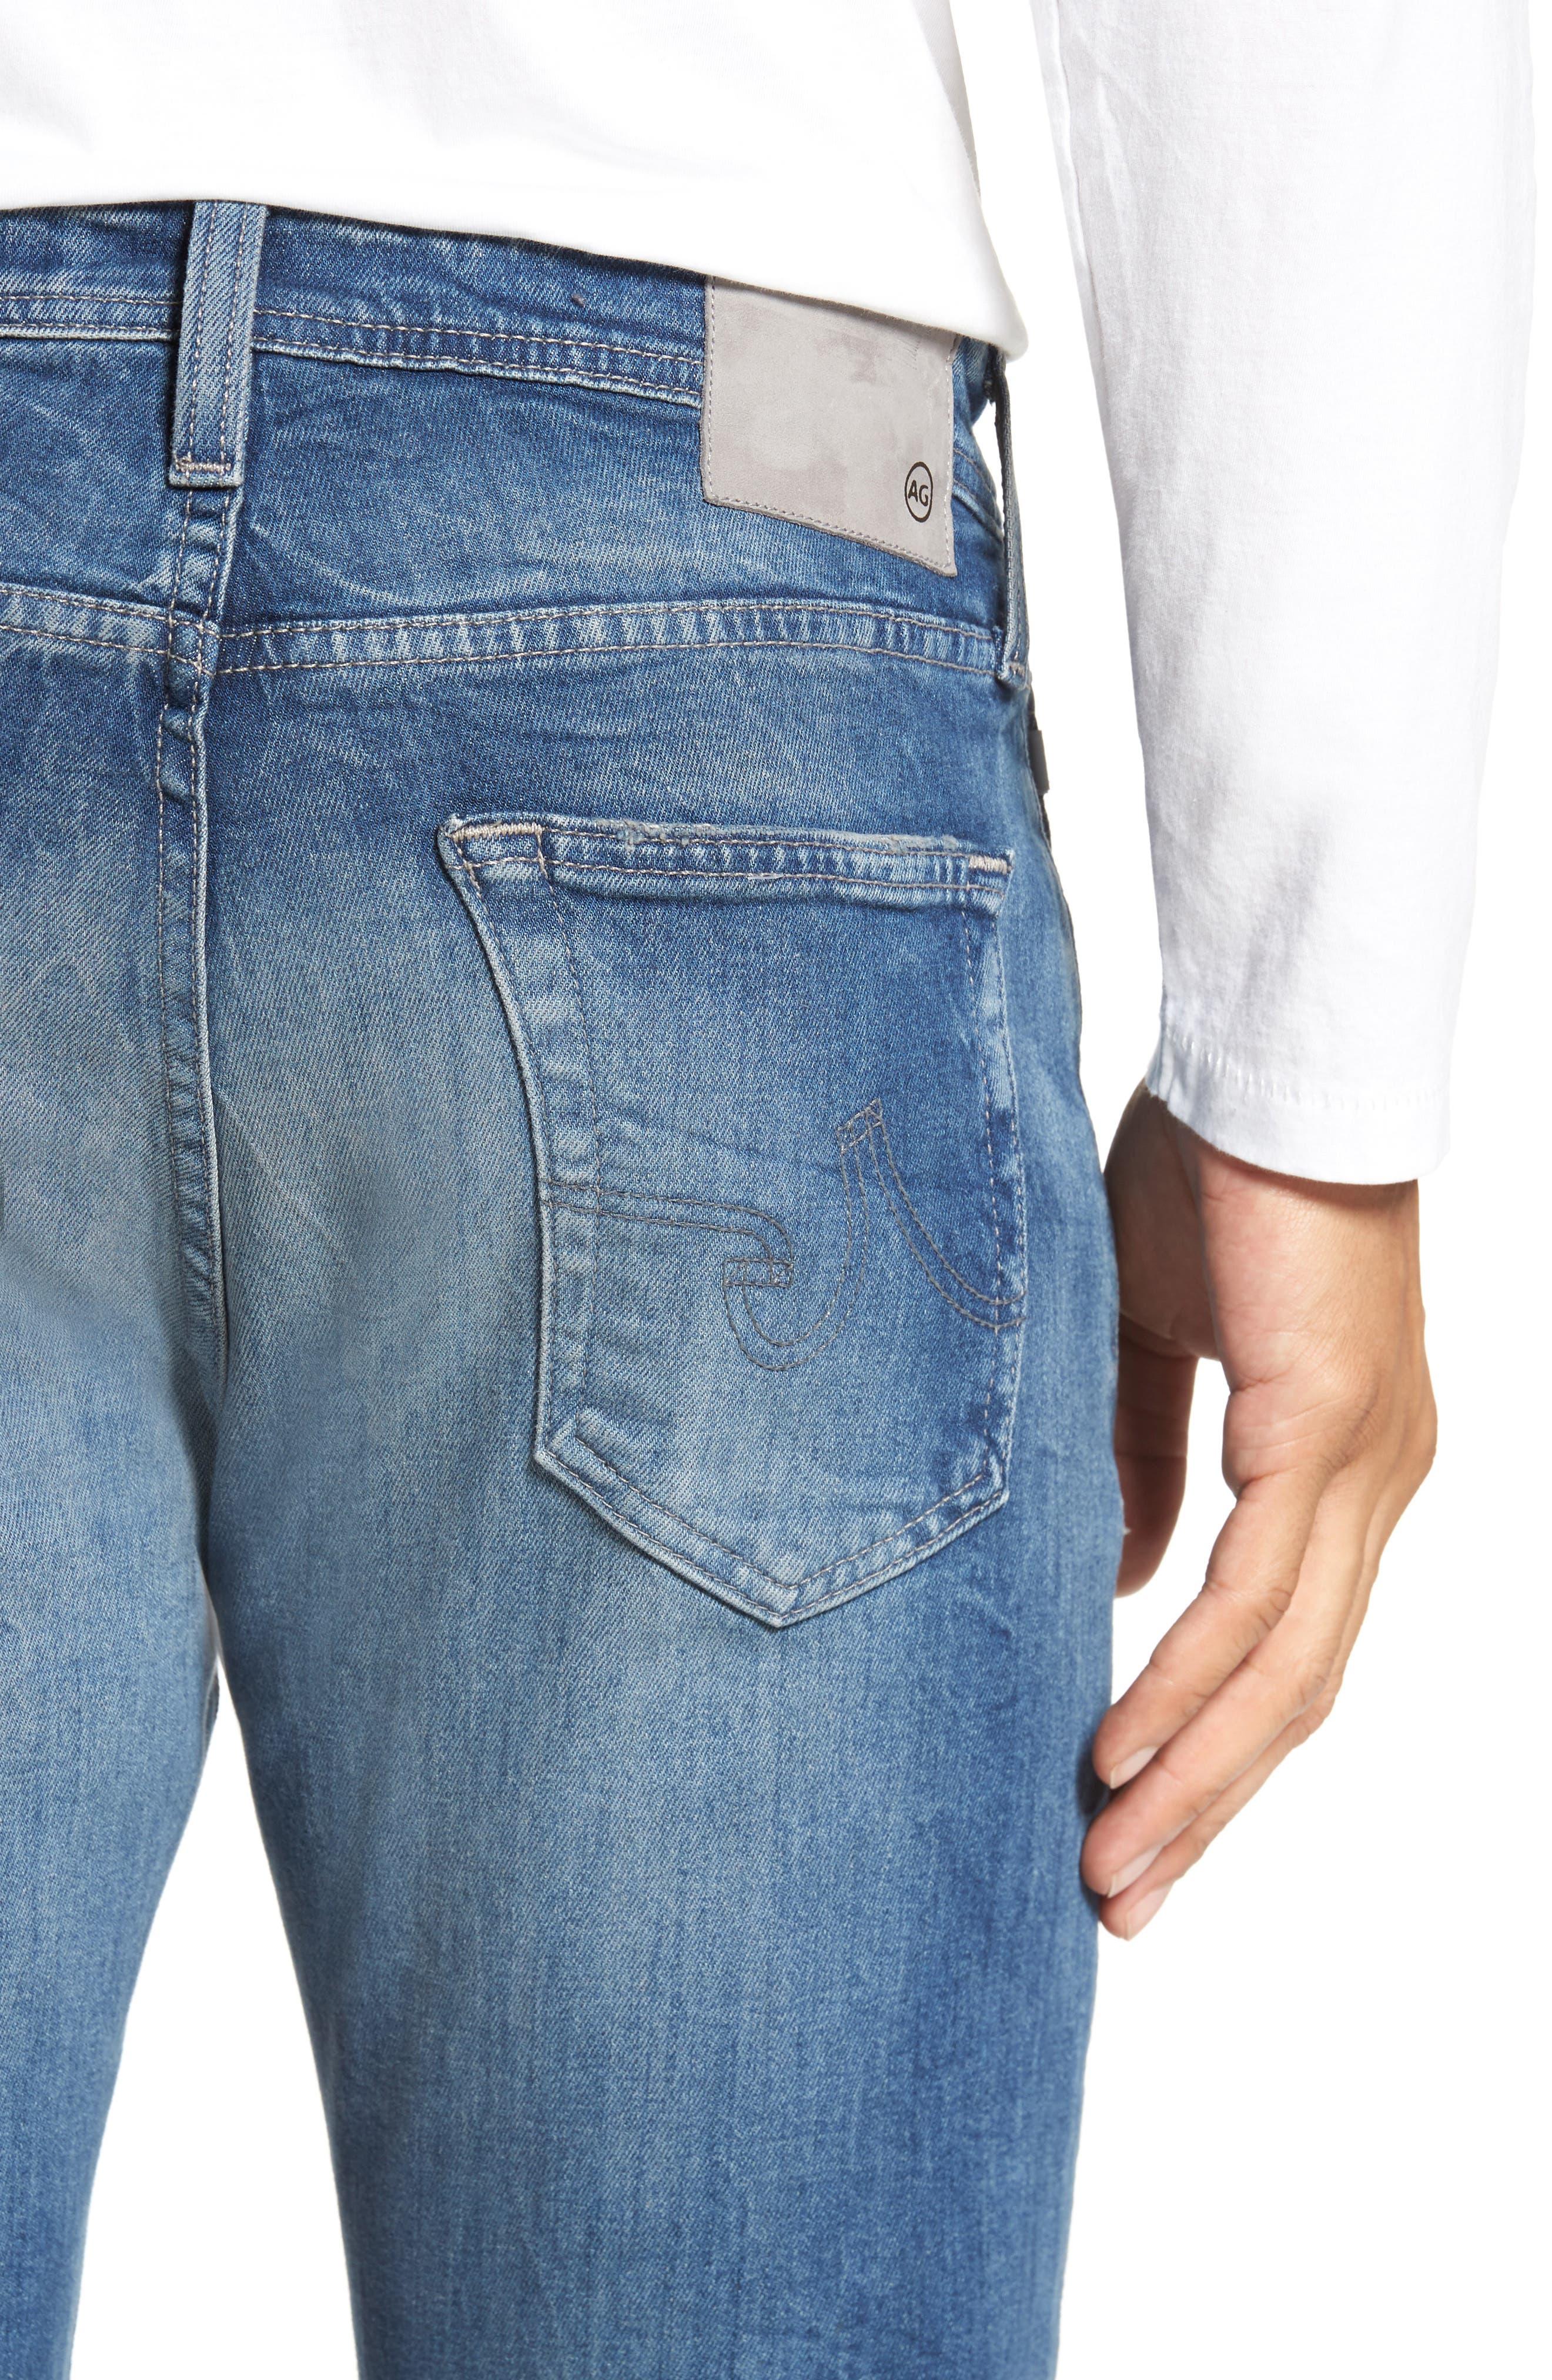 Everett Slim Straight Leg Jeans,                             Alternate thumbnail 4, color,                             429